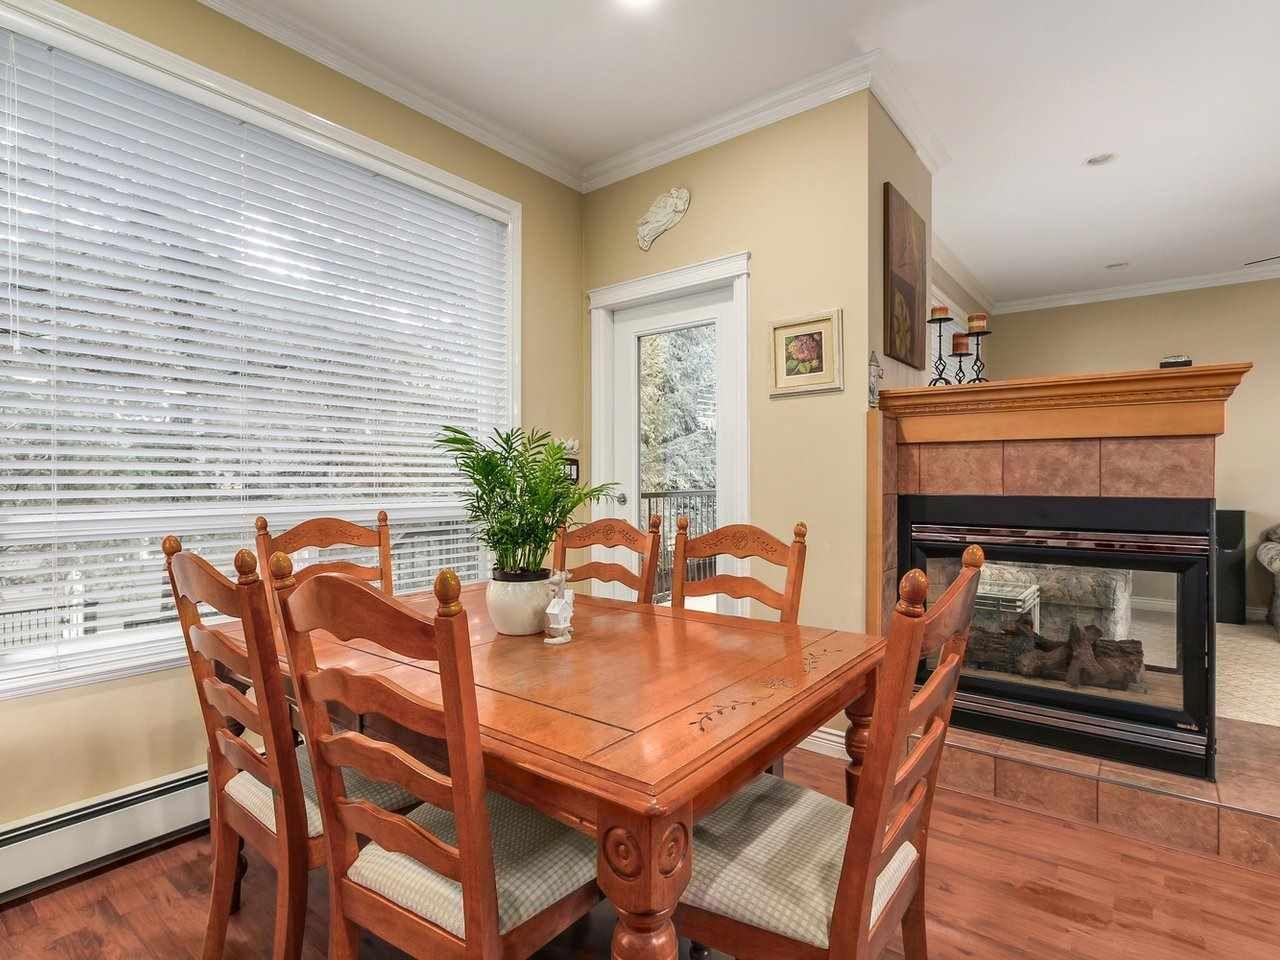 Photo 10: Photos: 725 REGAN Avenue in Coquitlam: Coquitlam West House for sale : MLS®# R2226266